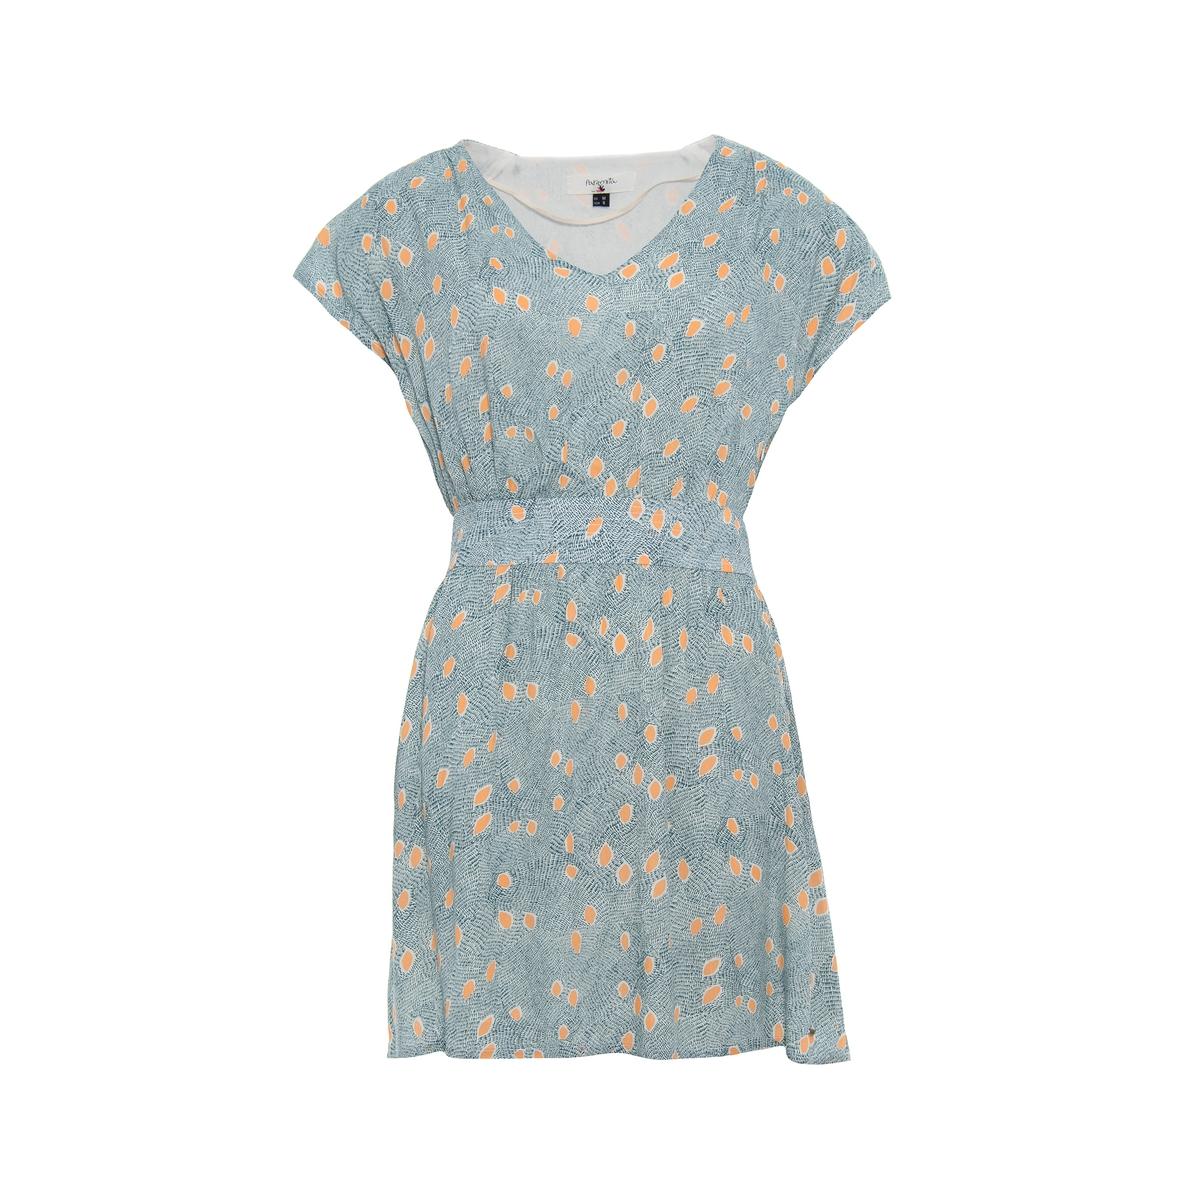 Платье с короткими рукавами, с рисункомПлатье с короткими рукавами PARAMITA. Прямой покрой, эластичный присборенный пояс. Сплошной рисунок контрастного цвета.Состав и описание :Материал : 100% вискозы.Марка : PARAMITA<br><br>Цвет: зеленый/рисунок<br>Размер: M